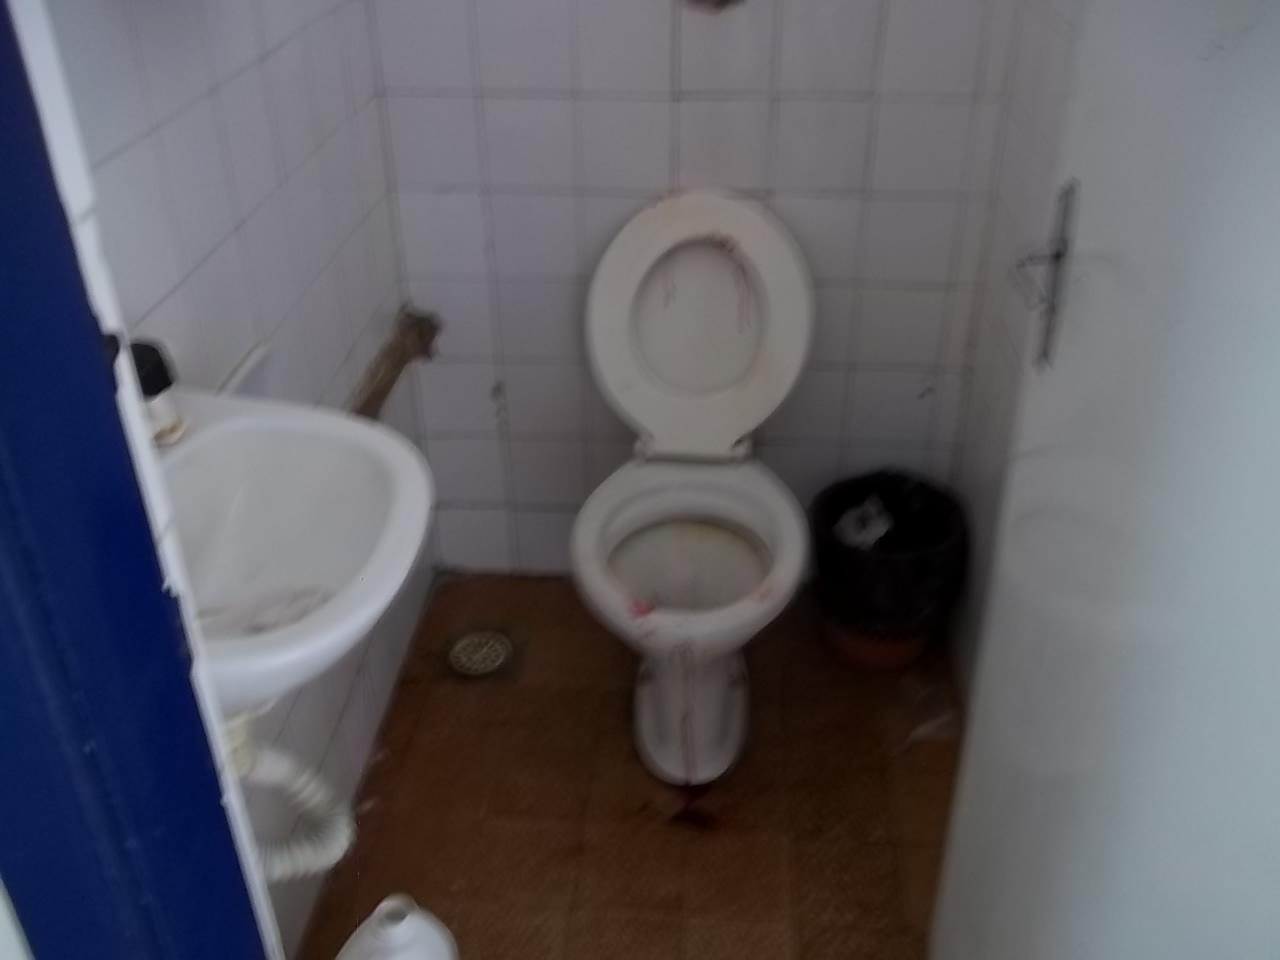 GALERIA DE FOTOS DO PESQUEIRA EM FOCO: FOTOS TIRADAS NO INTERIOR DO  #333D5B 1280 960